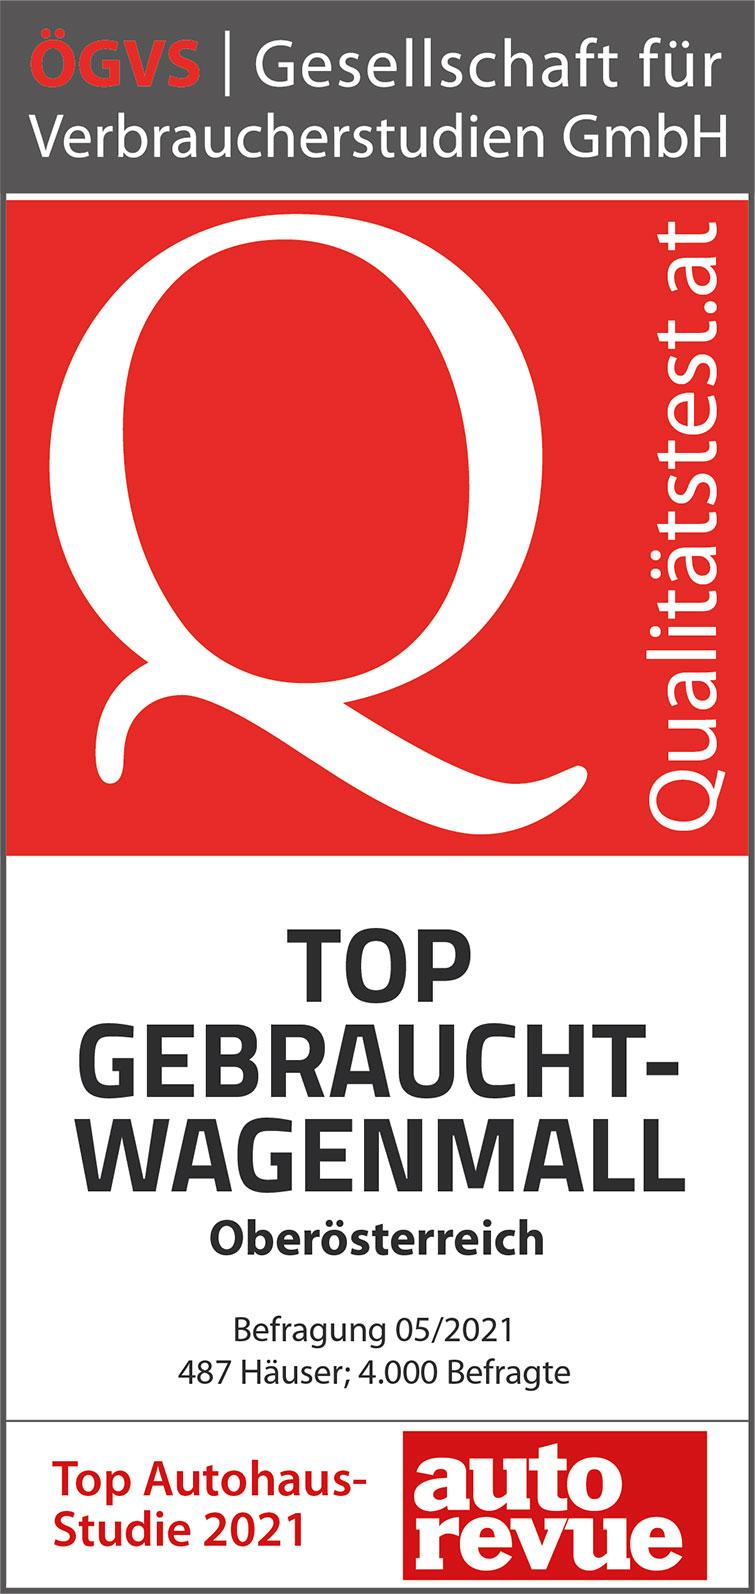 Qualitätstest - TOP GEBRAUCHTWAGENMALL BEFRAGUNG 05/2021